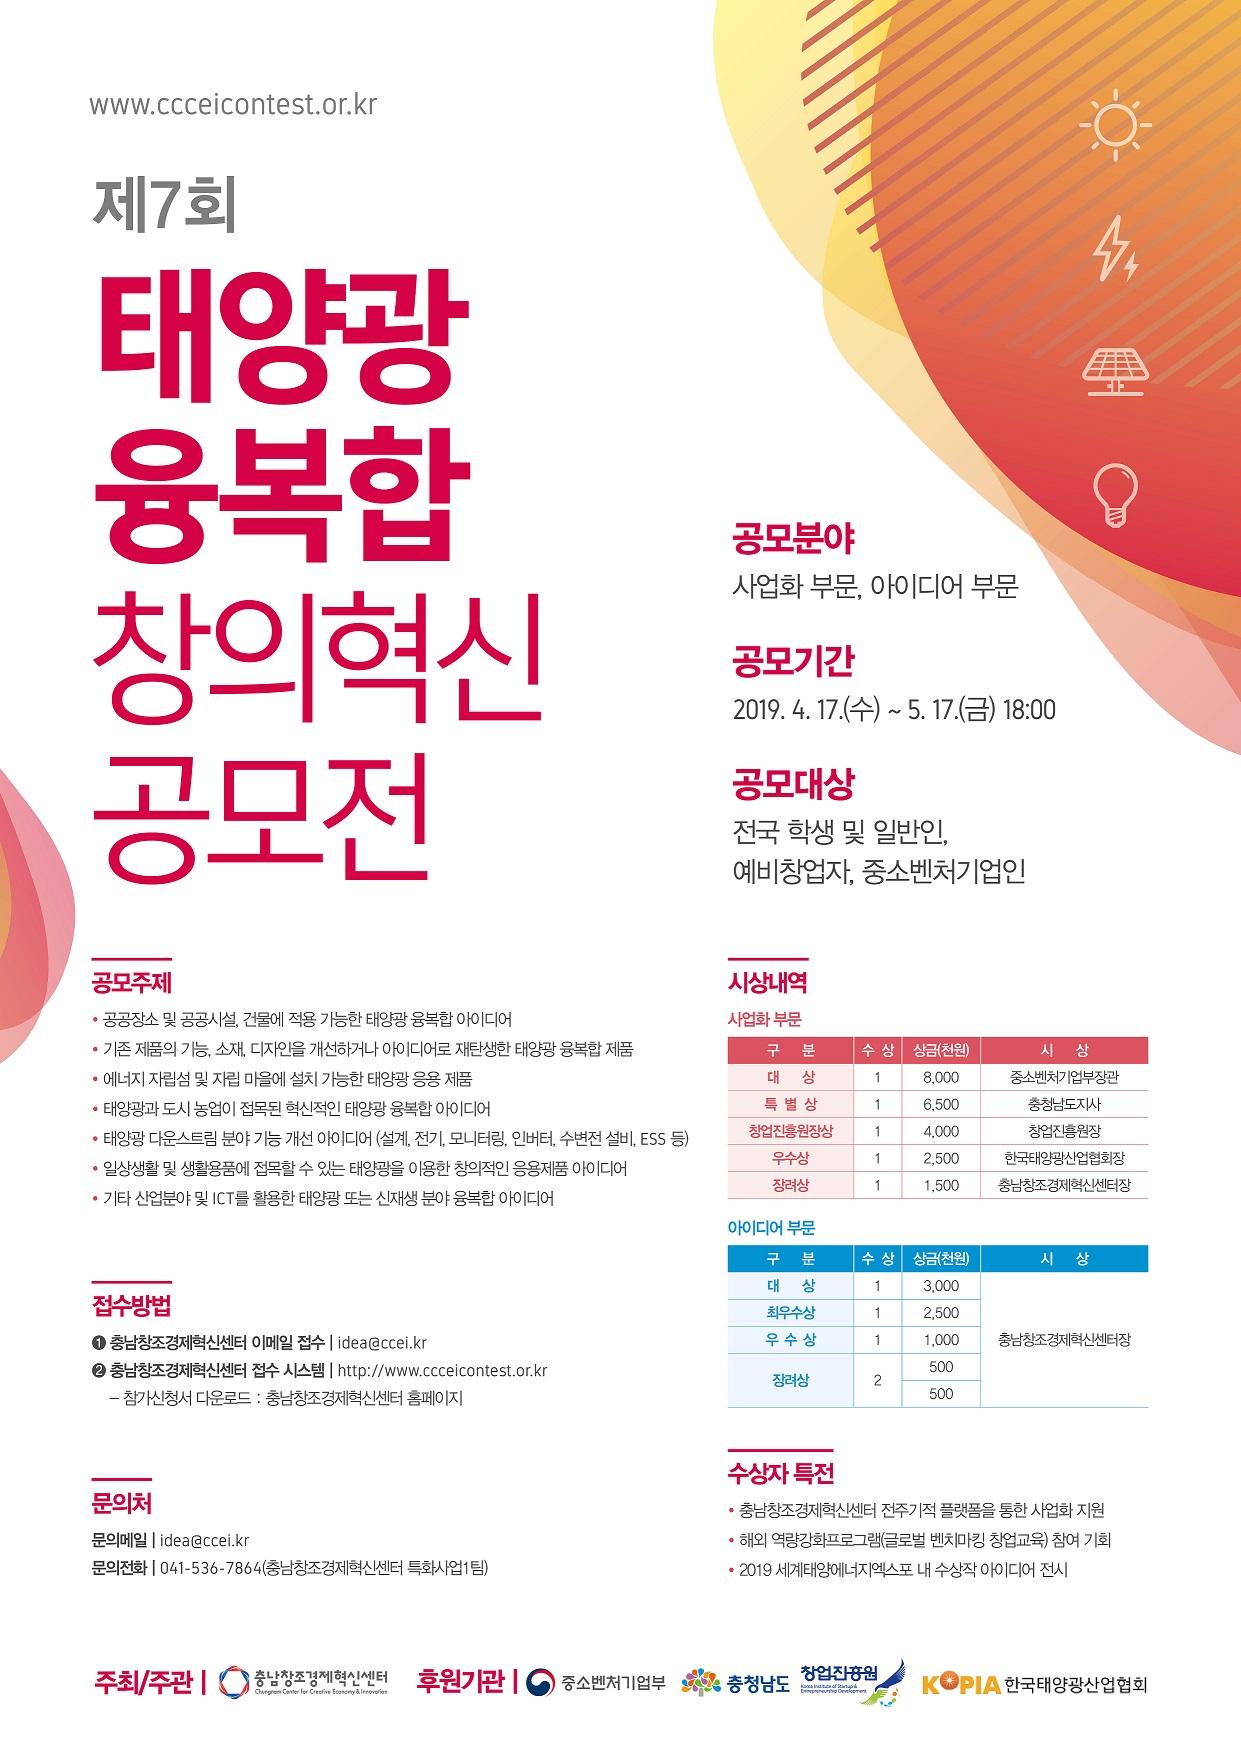 제7회 태양광 융복합 창의혁신 공모전